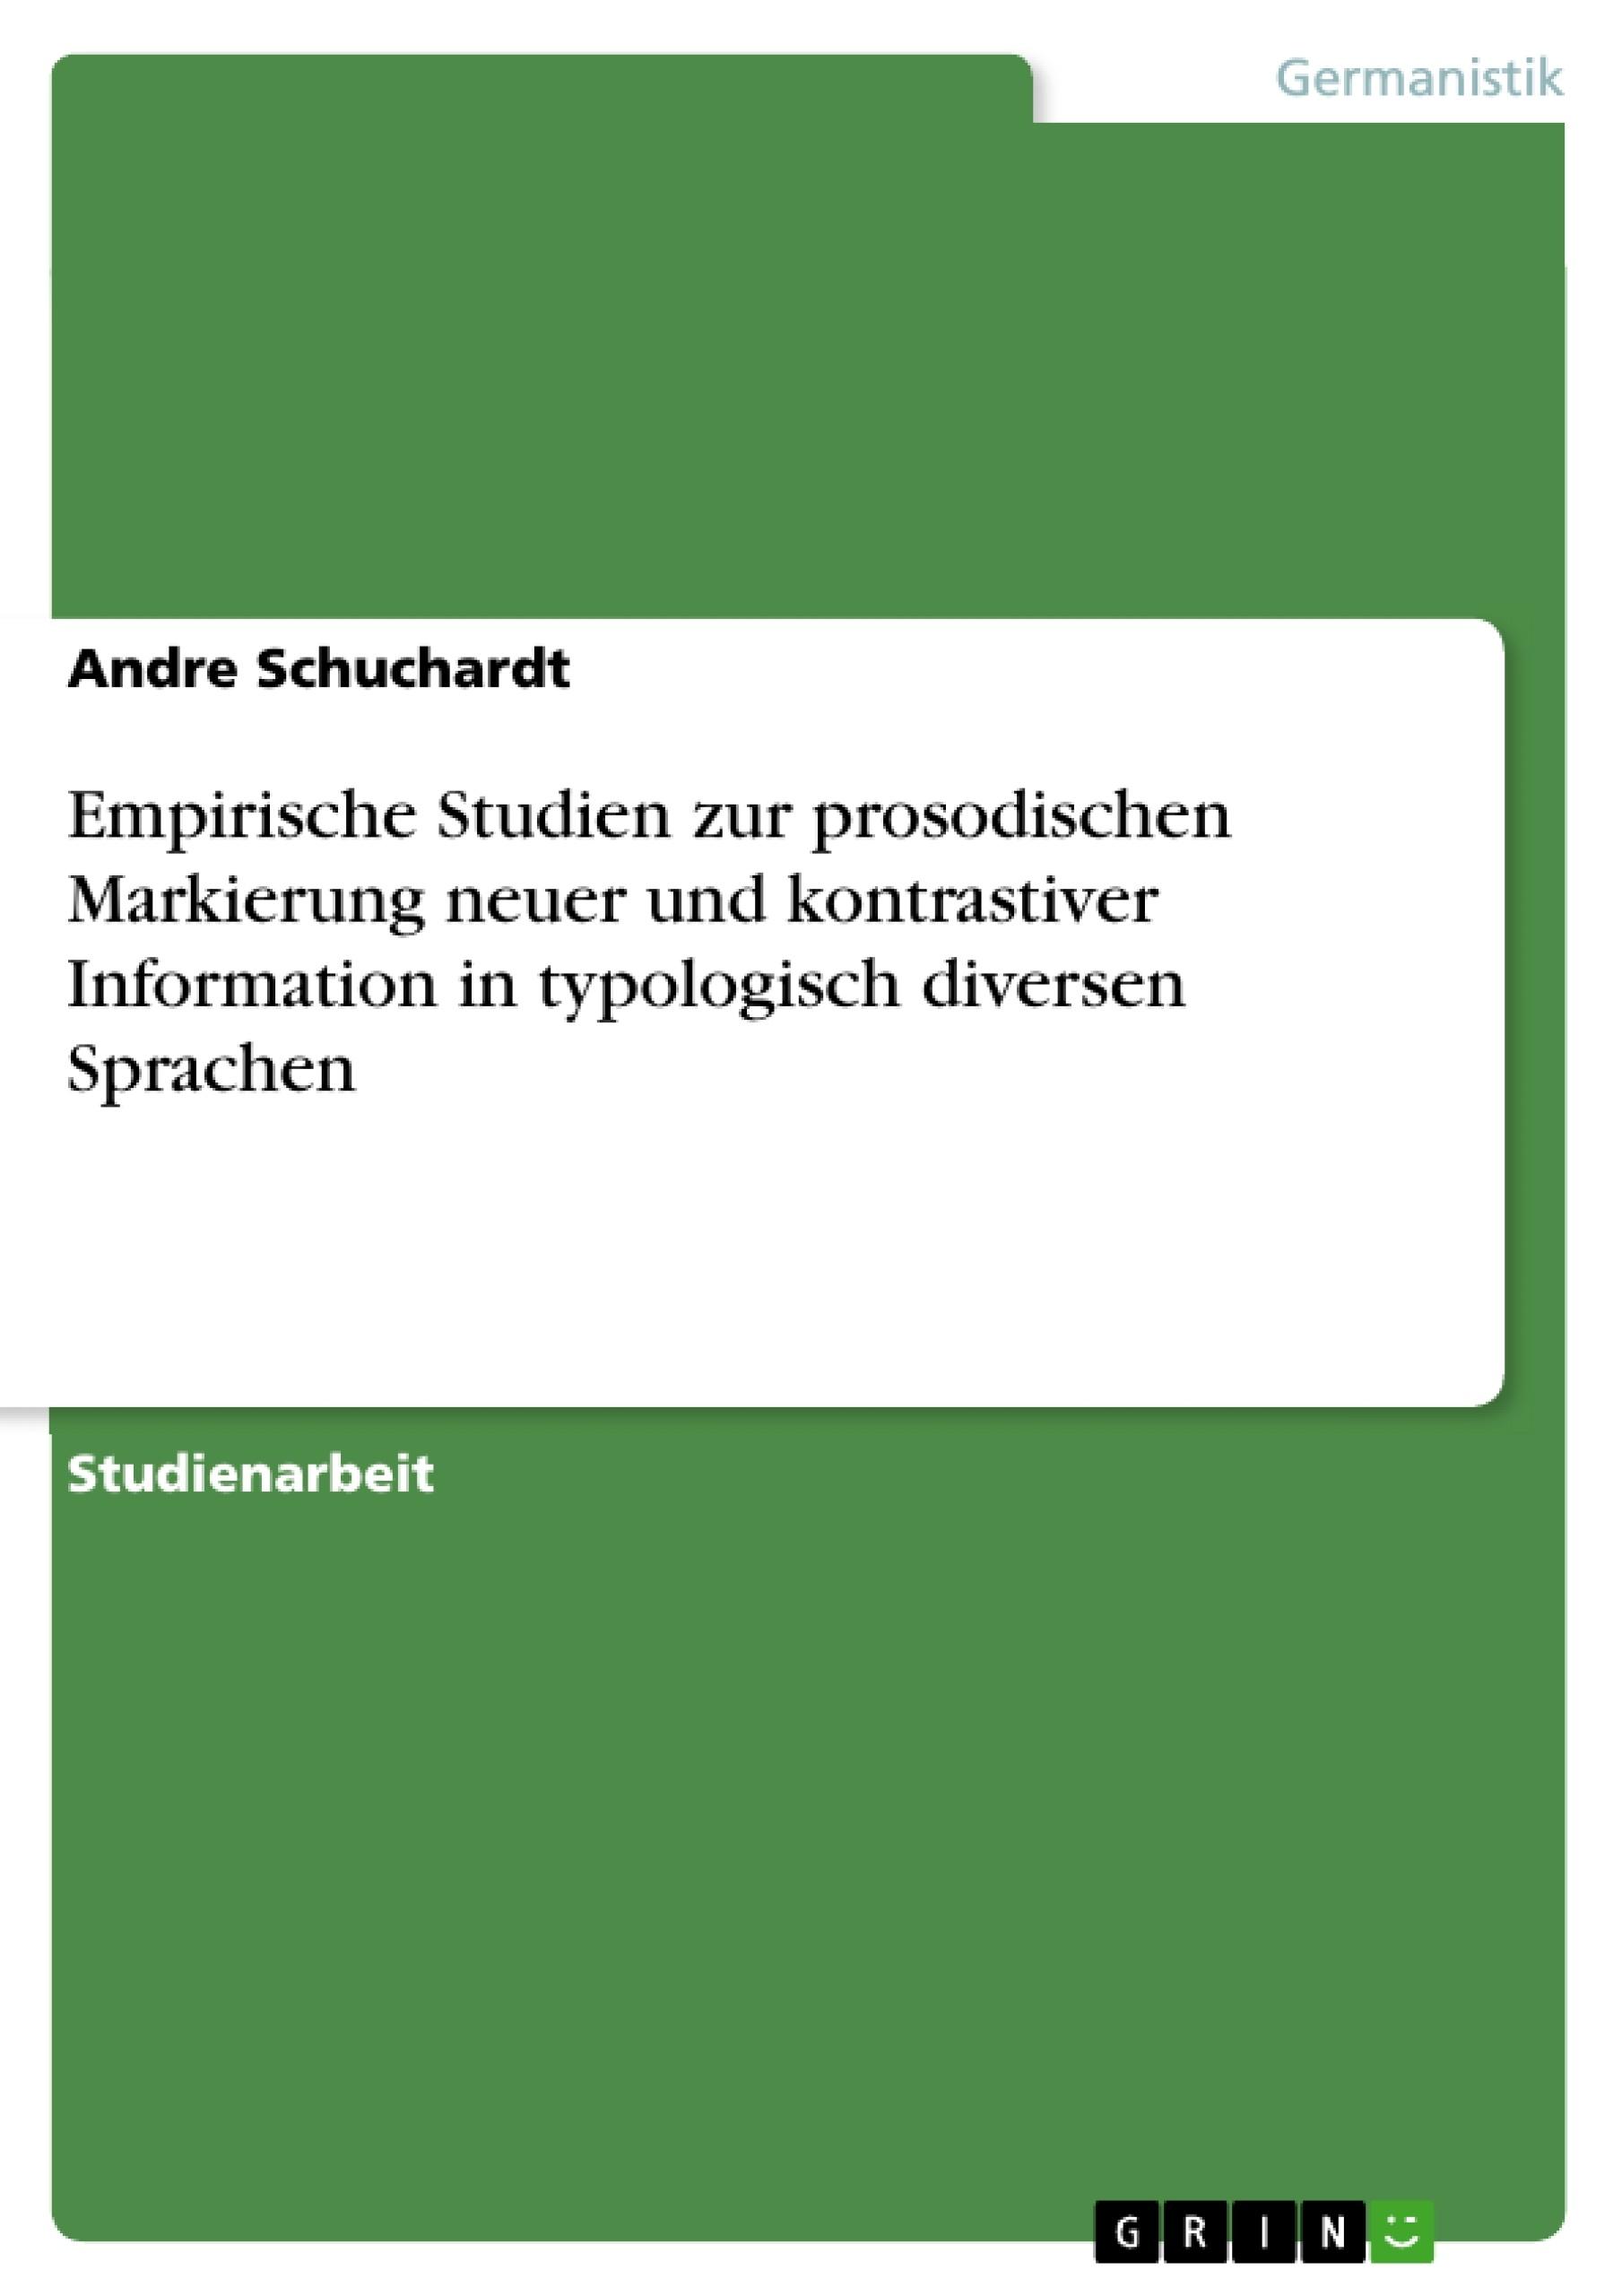 Titel: Empirische Studien zur prosodischen Markierung neuer und kontrastiver Information in typologisch diversen Sprachen